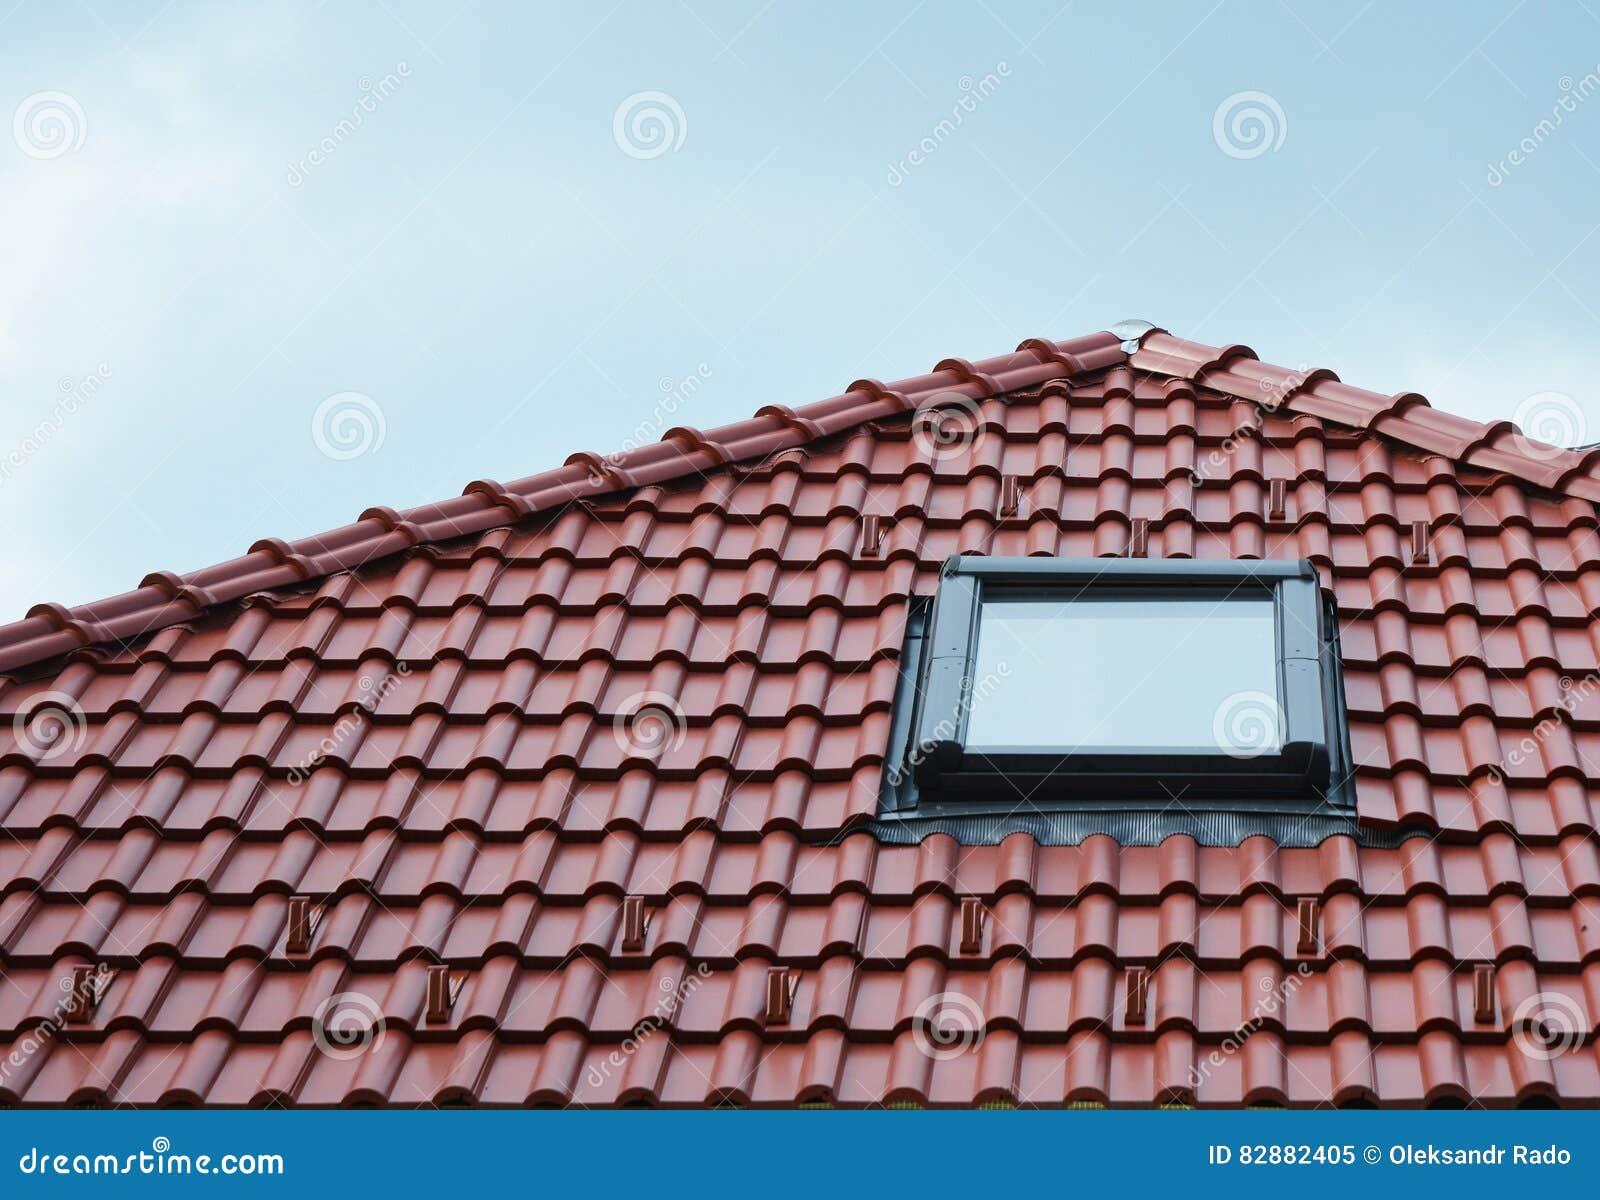 Dachbodenoberlichtfenster Auf Roten Keramikfliesen Bringen Dach Das ...